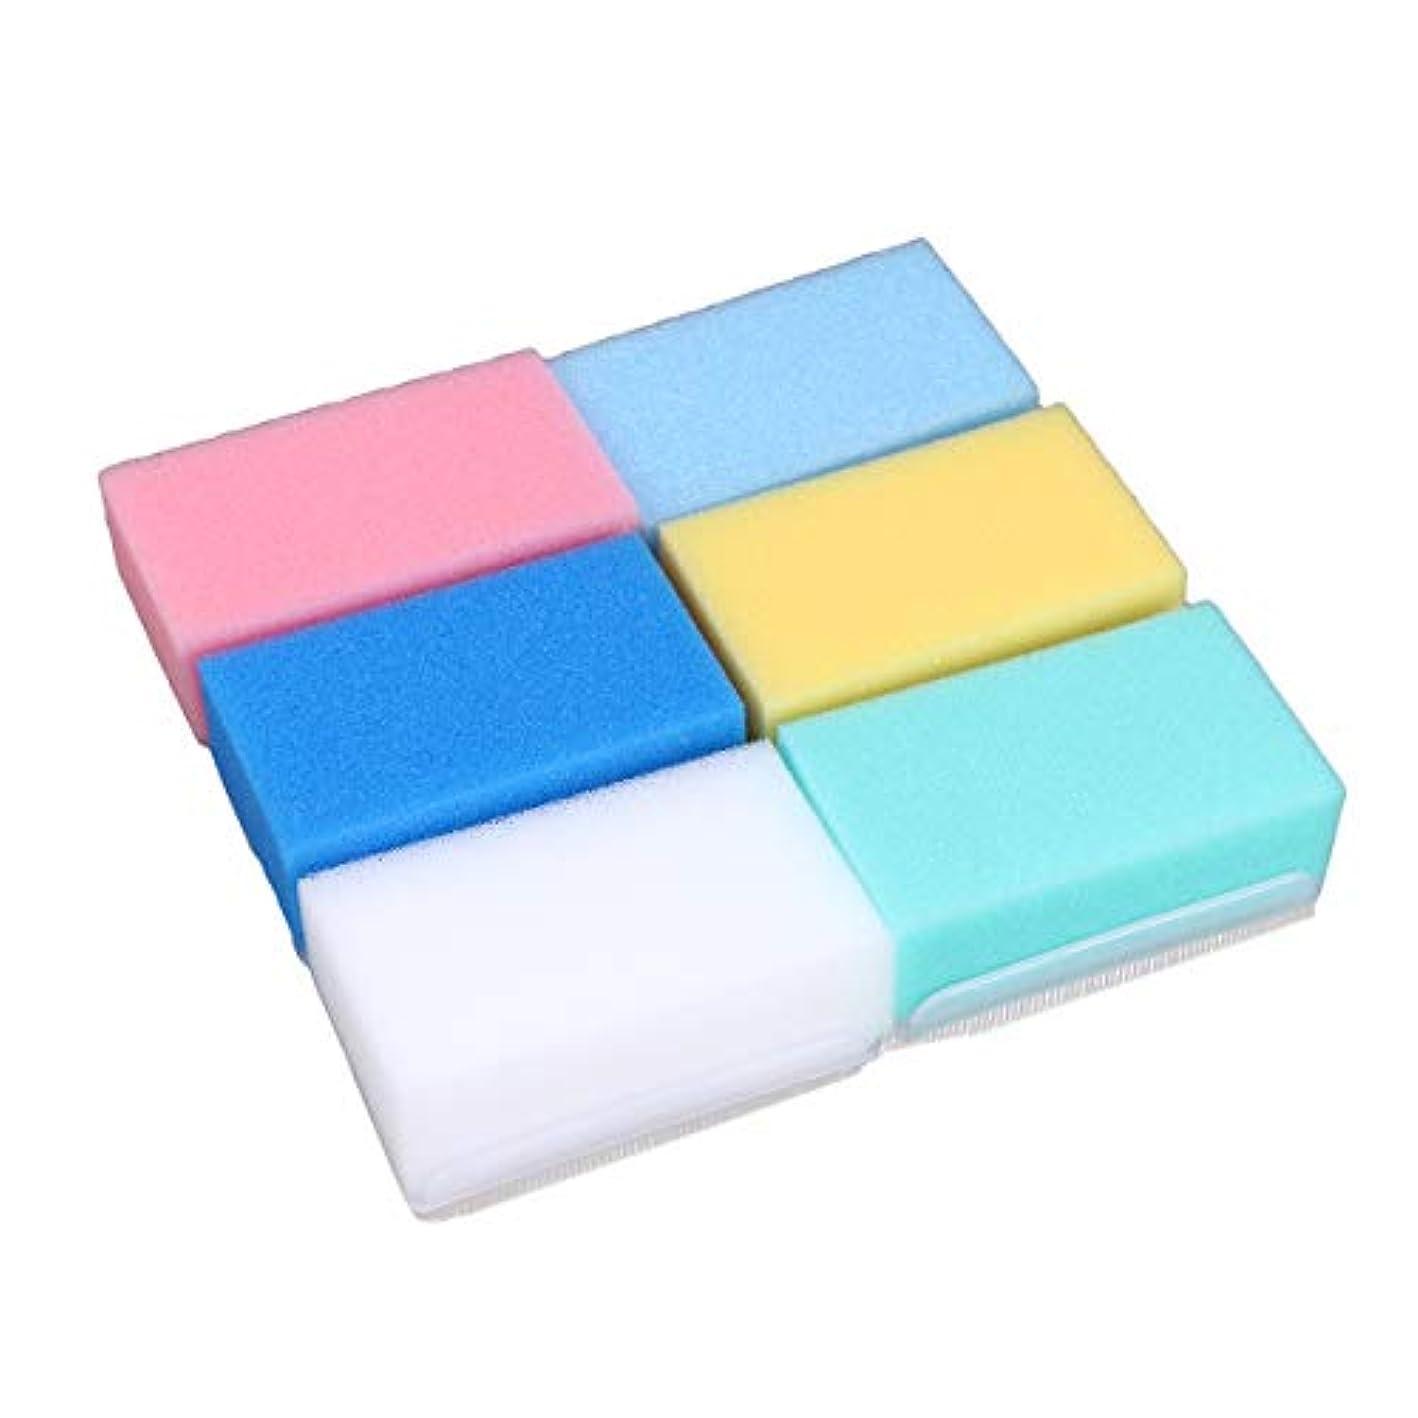 ゲートウェイ速報マナーHEALIFTY 6本入浴ボディウォッシュブラシ柔らかい触覚感覚統合トレーニング乳児新生児のためのバスブラシバススポンジ(6色)